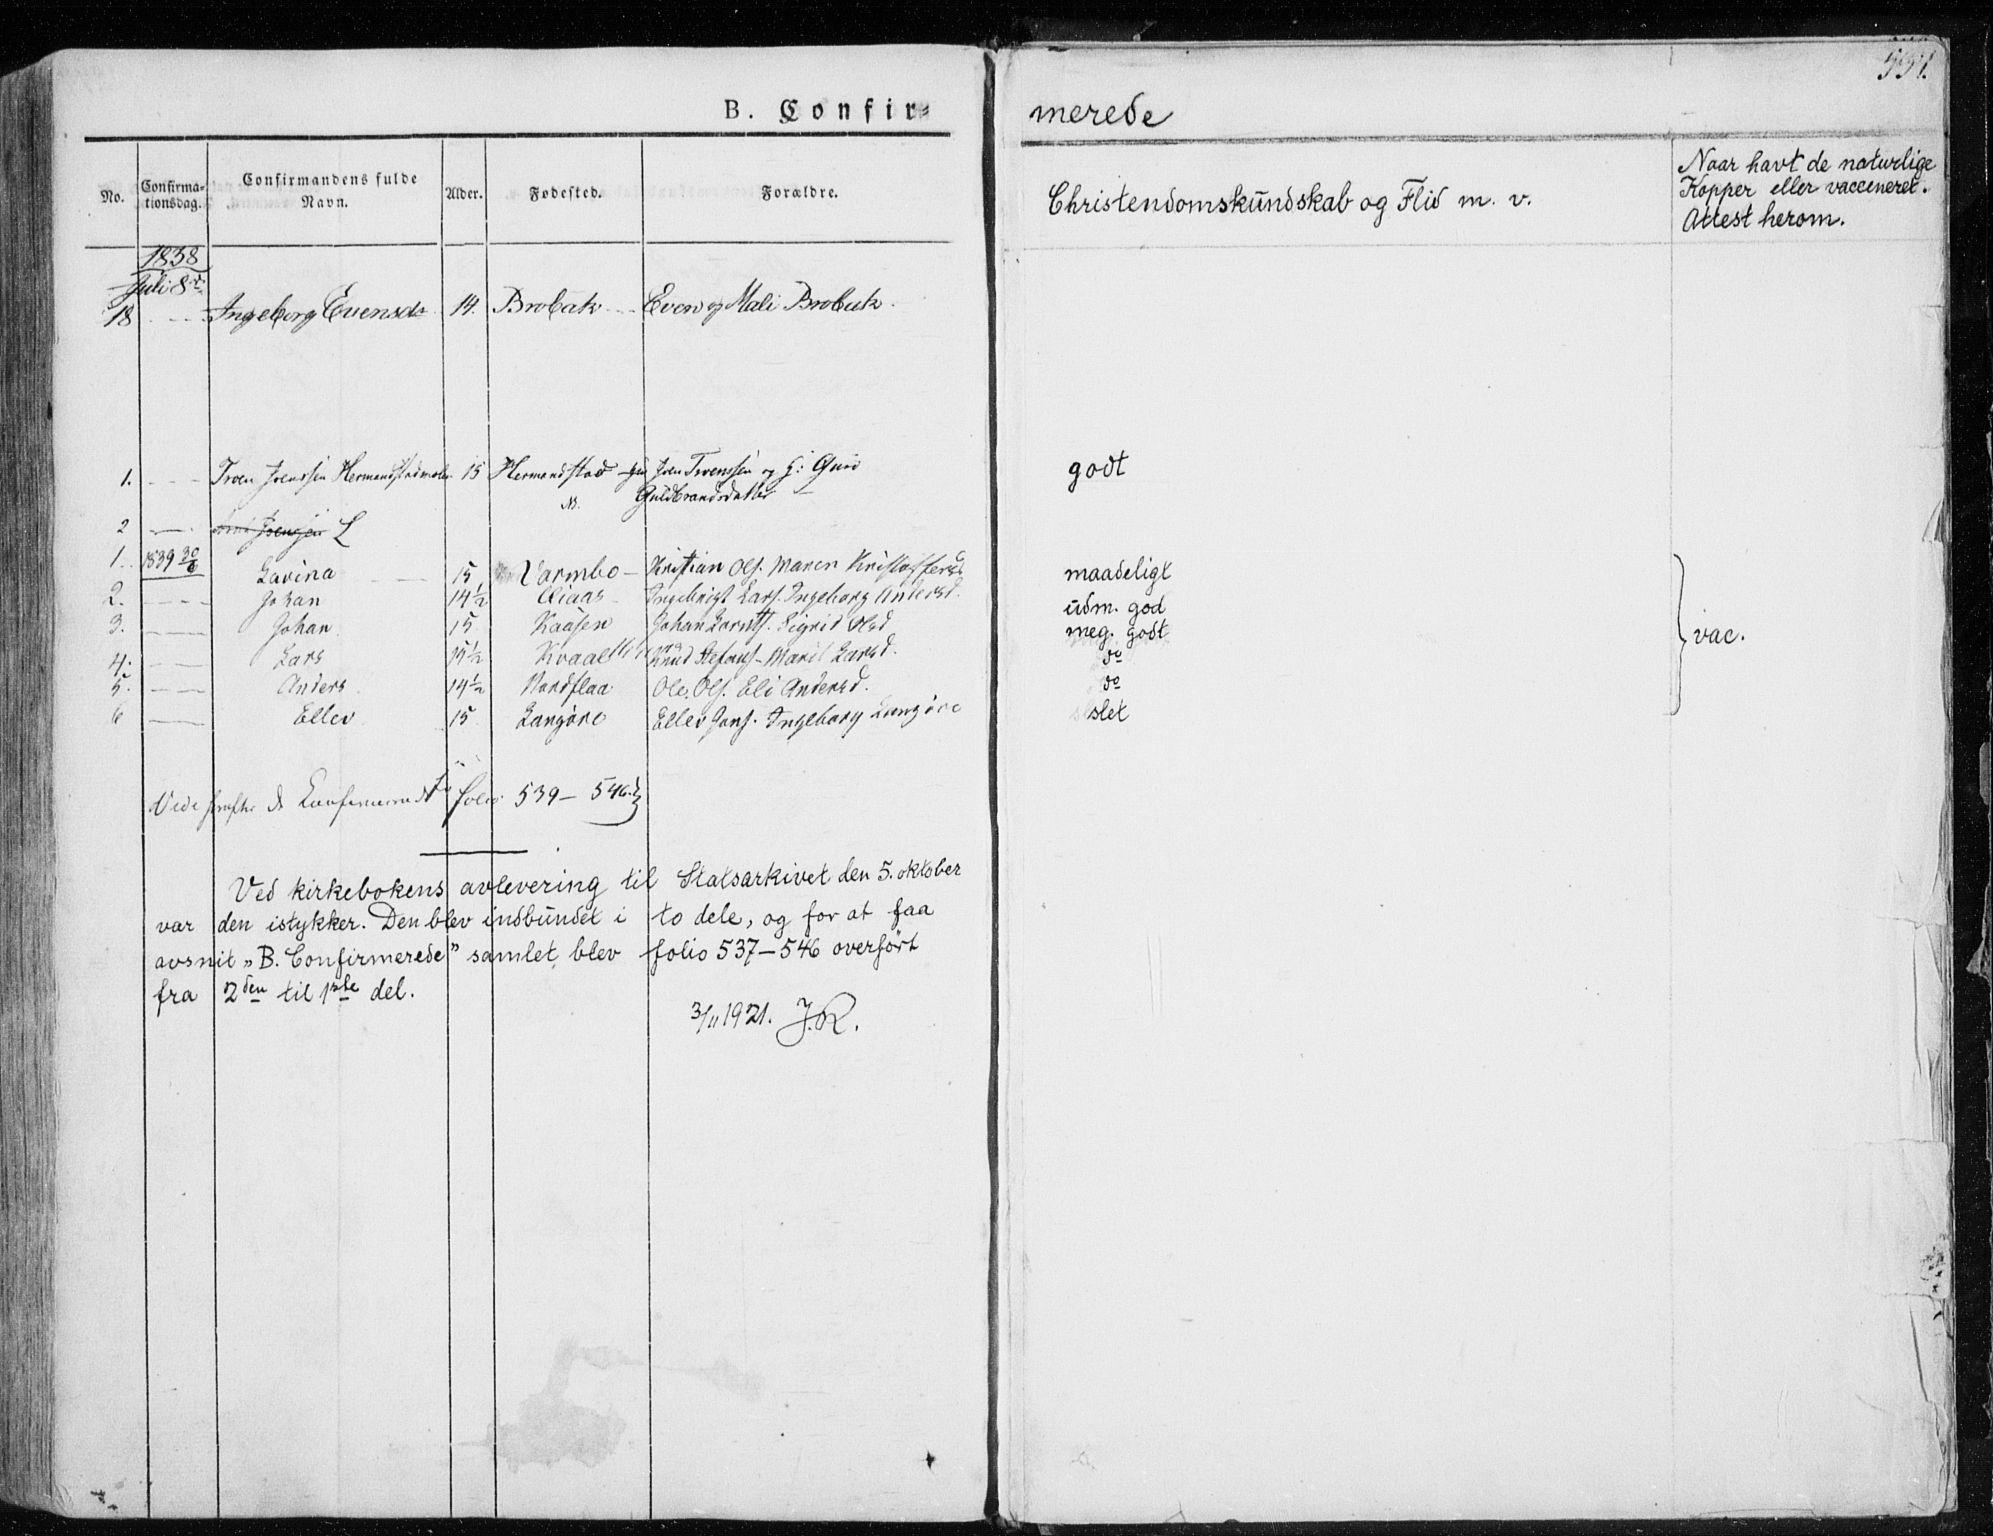 SAT, Ministerialprotokoller, klokkerbøker og fødselsregistre - Sør-Trøndelag, 691/L1069: Ministerialbok nr. 691A04, 1826-1841, s. 245